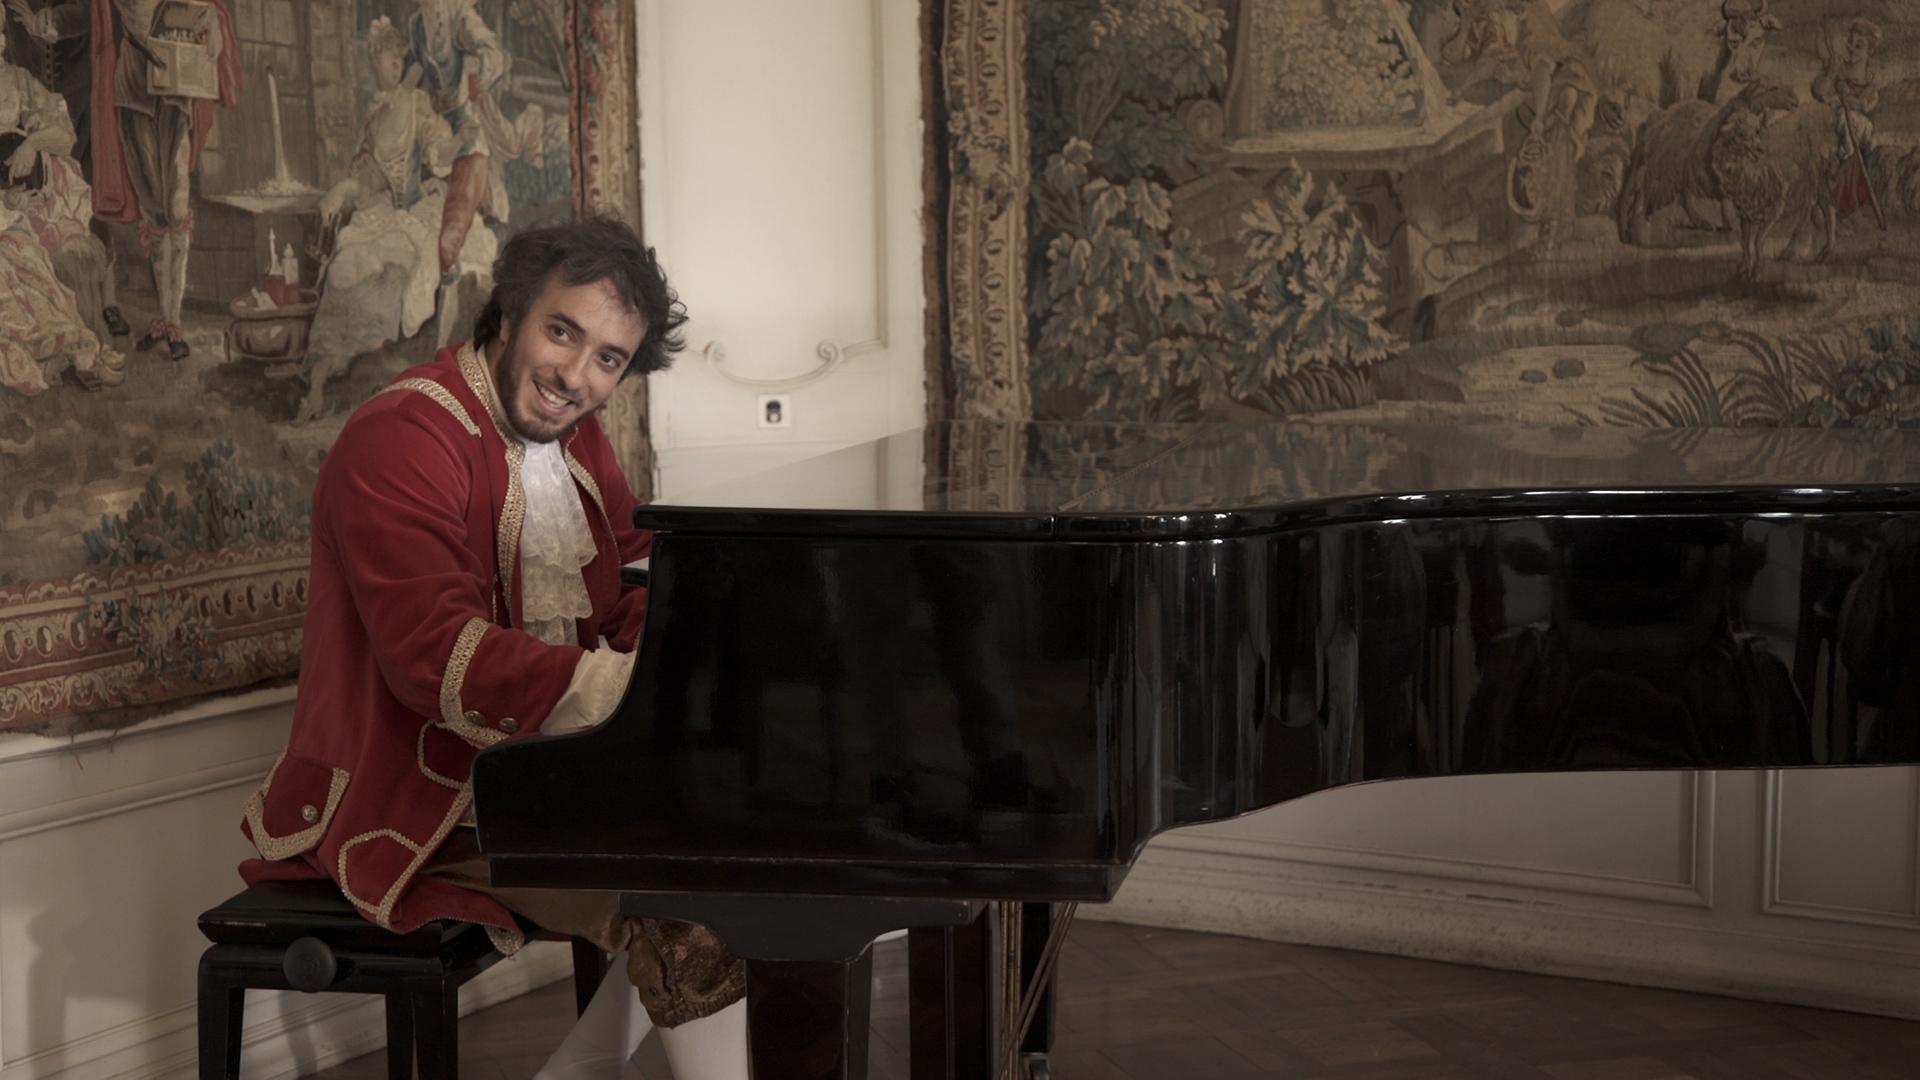 Avner Peres Mozart